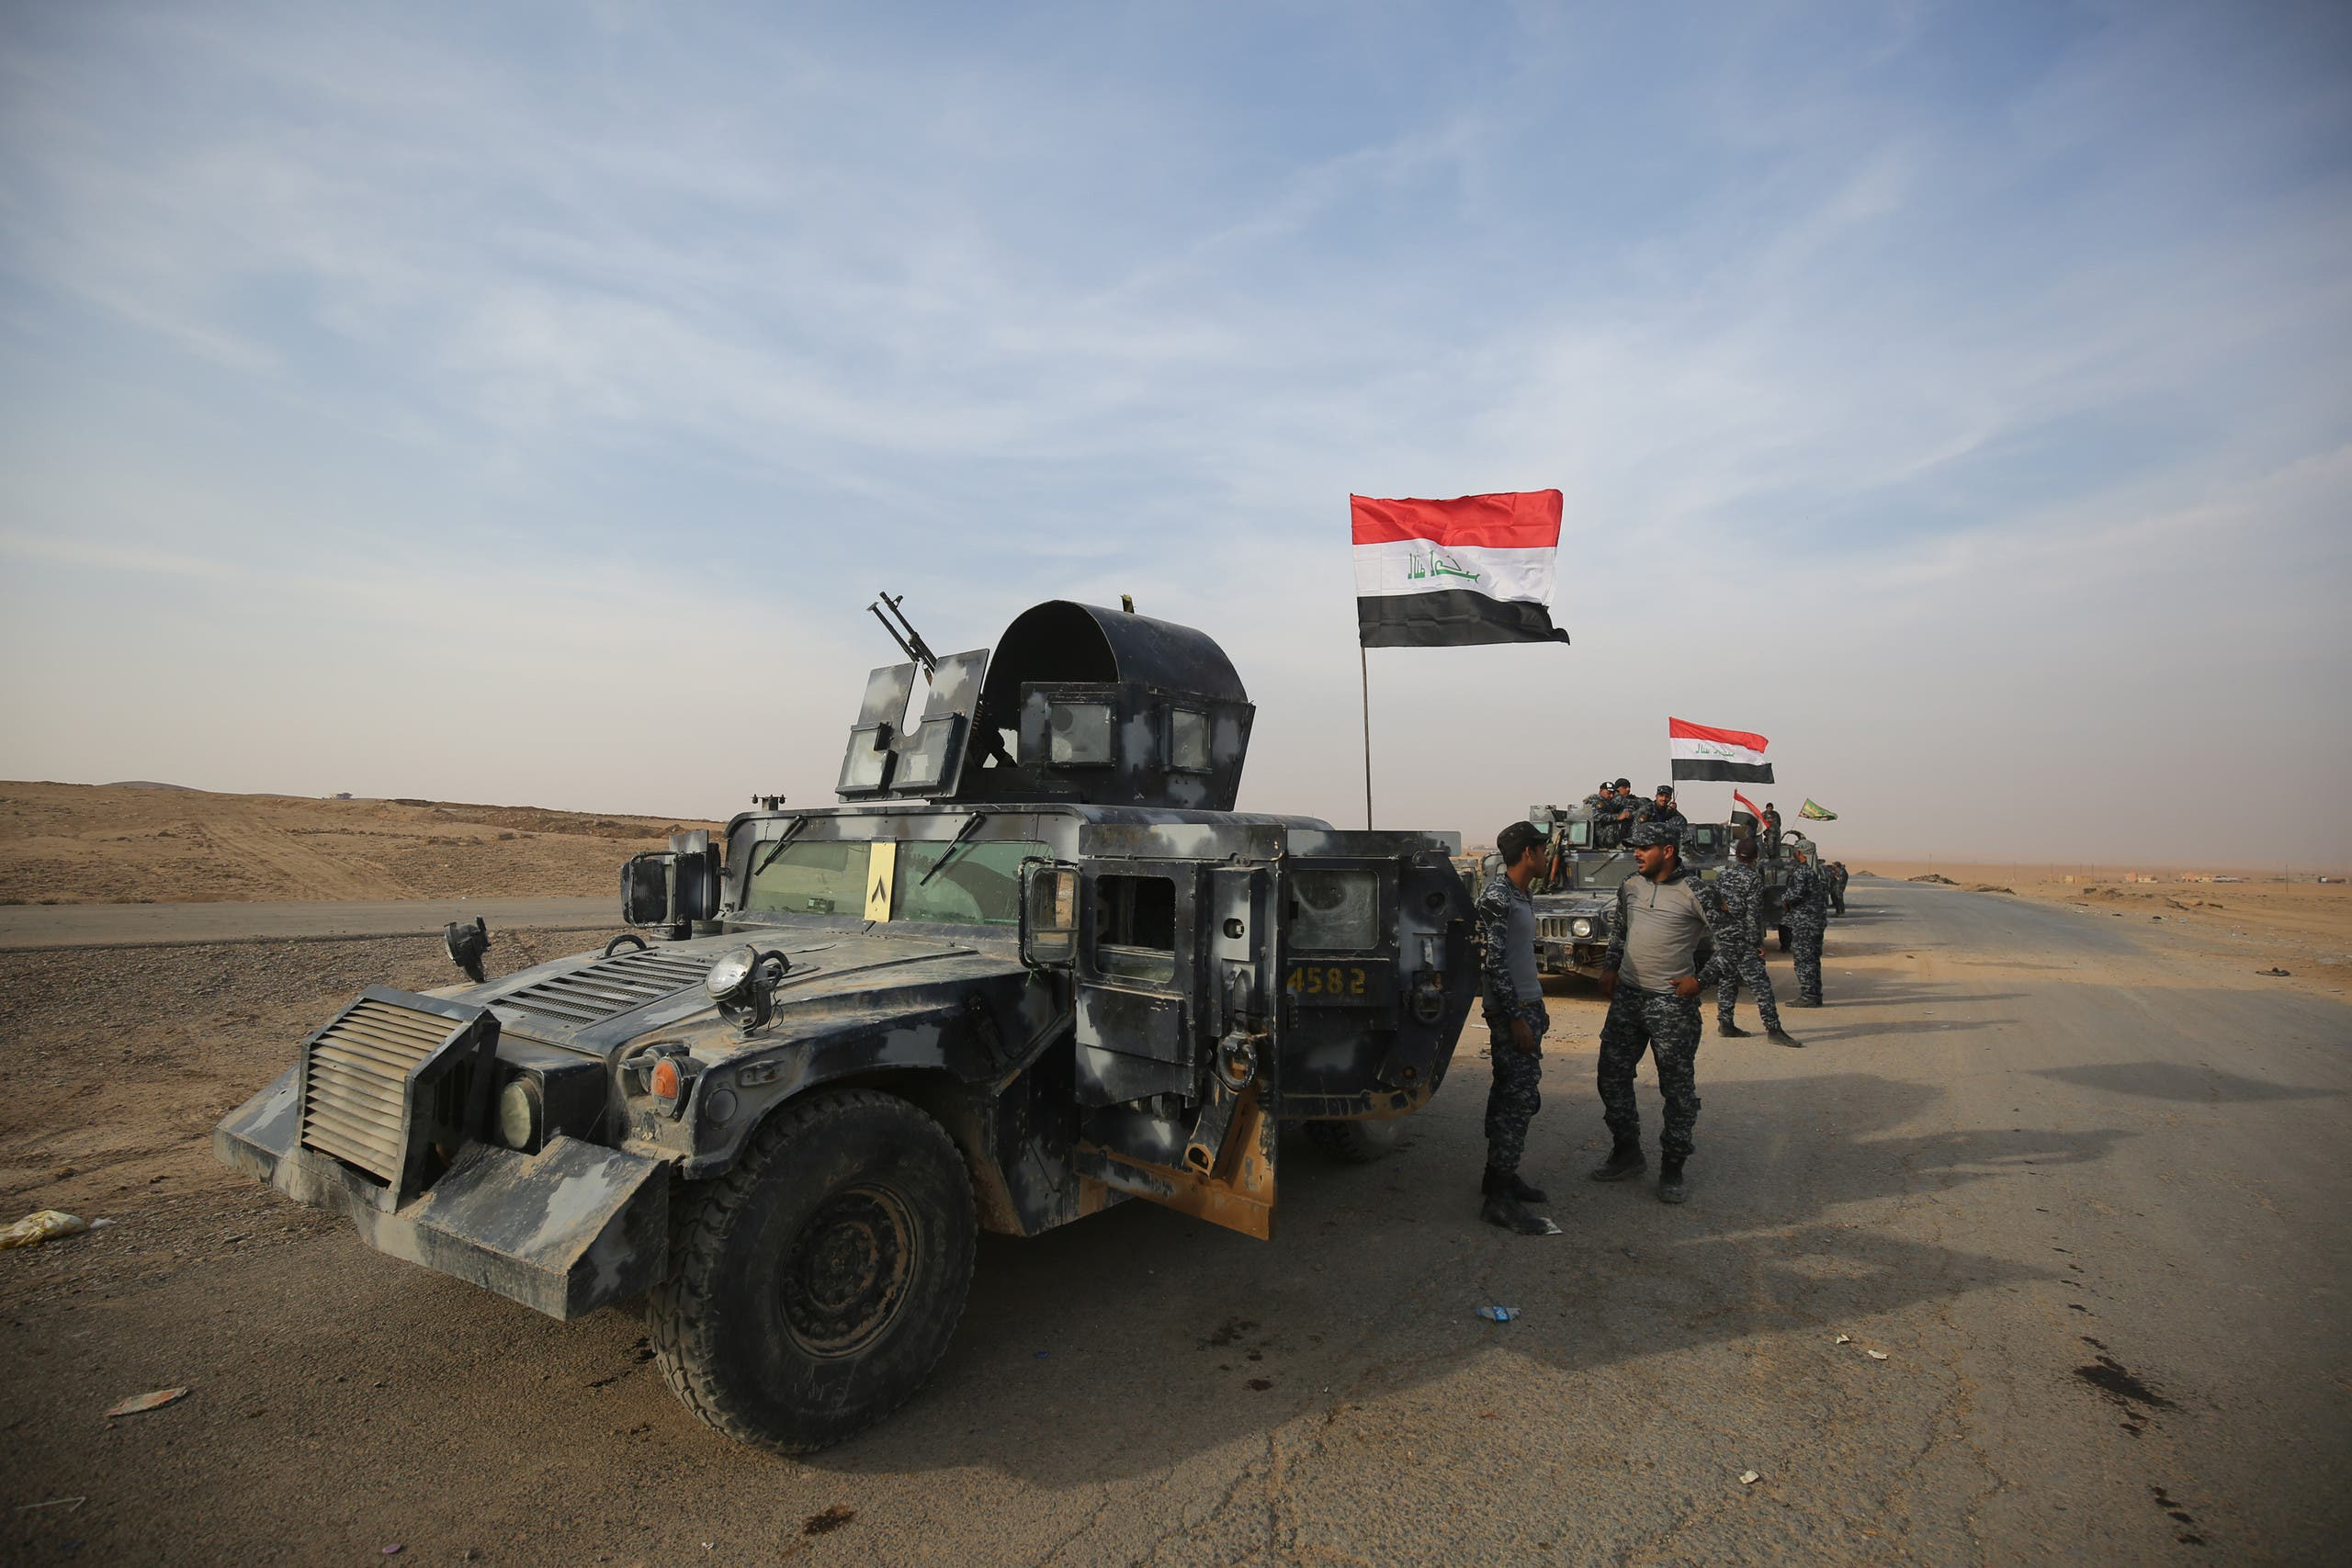 القوات العراقية جنوب الموصل